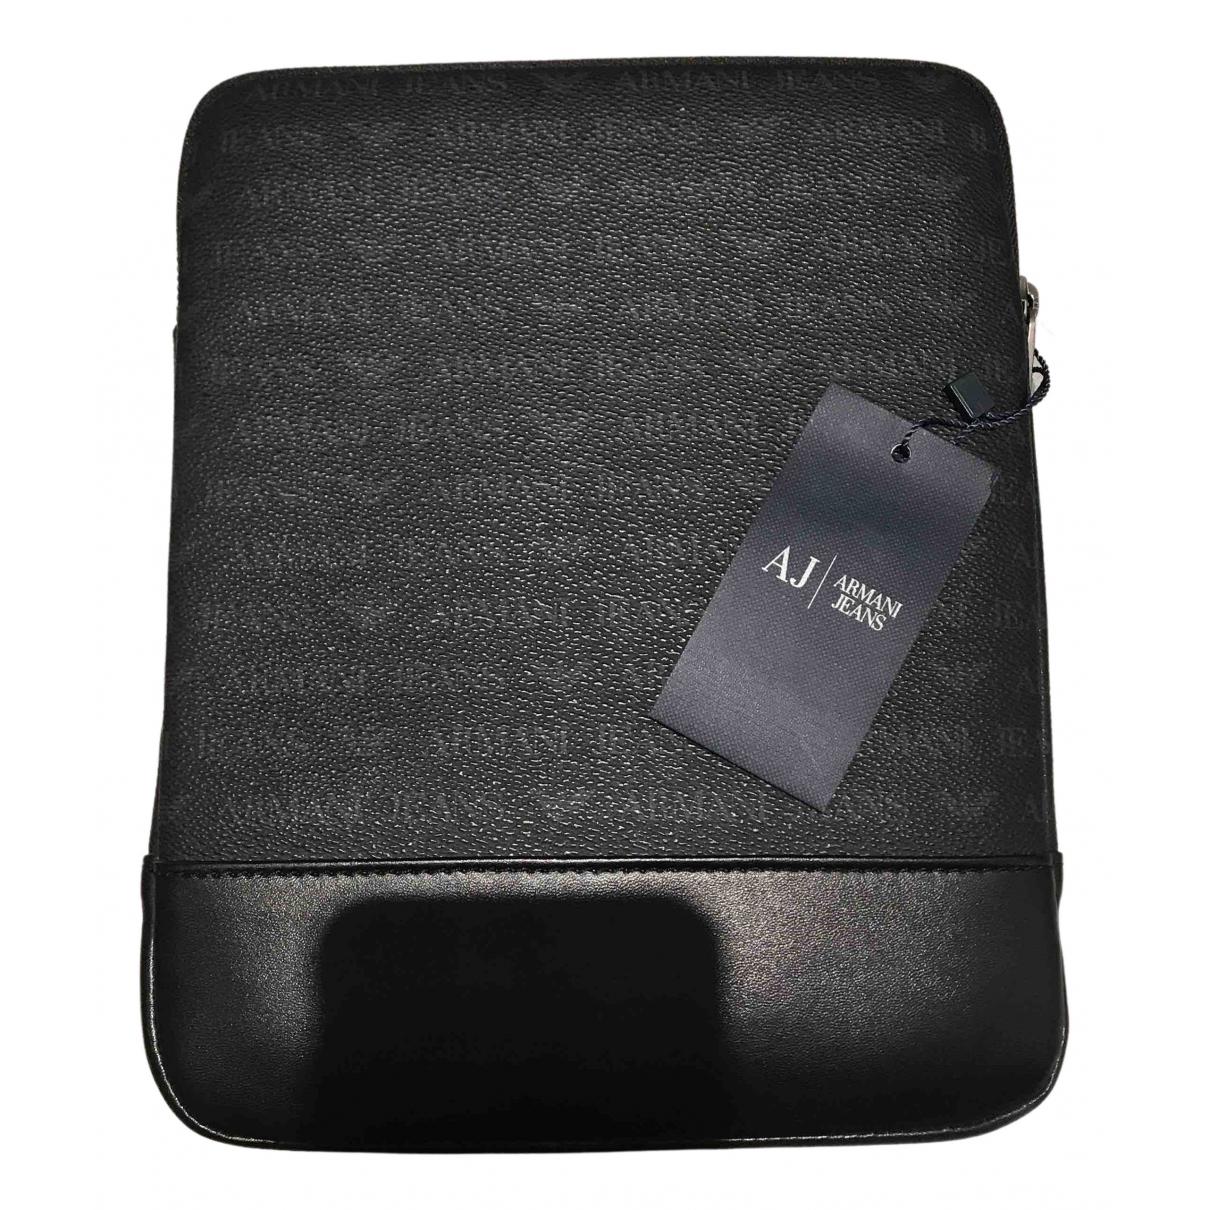 Armani Jean - Accessoires   pour lifestyle en cuir - noir